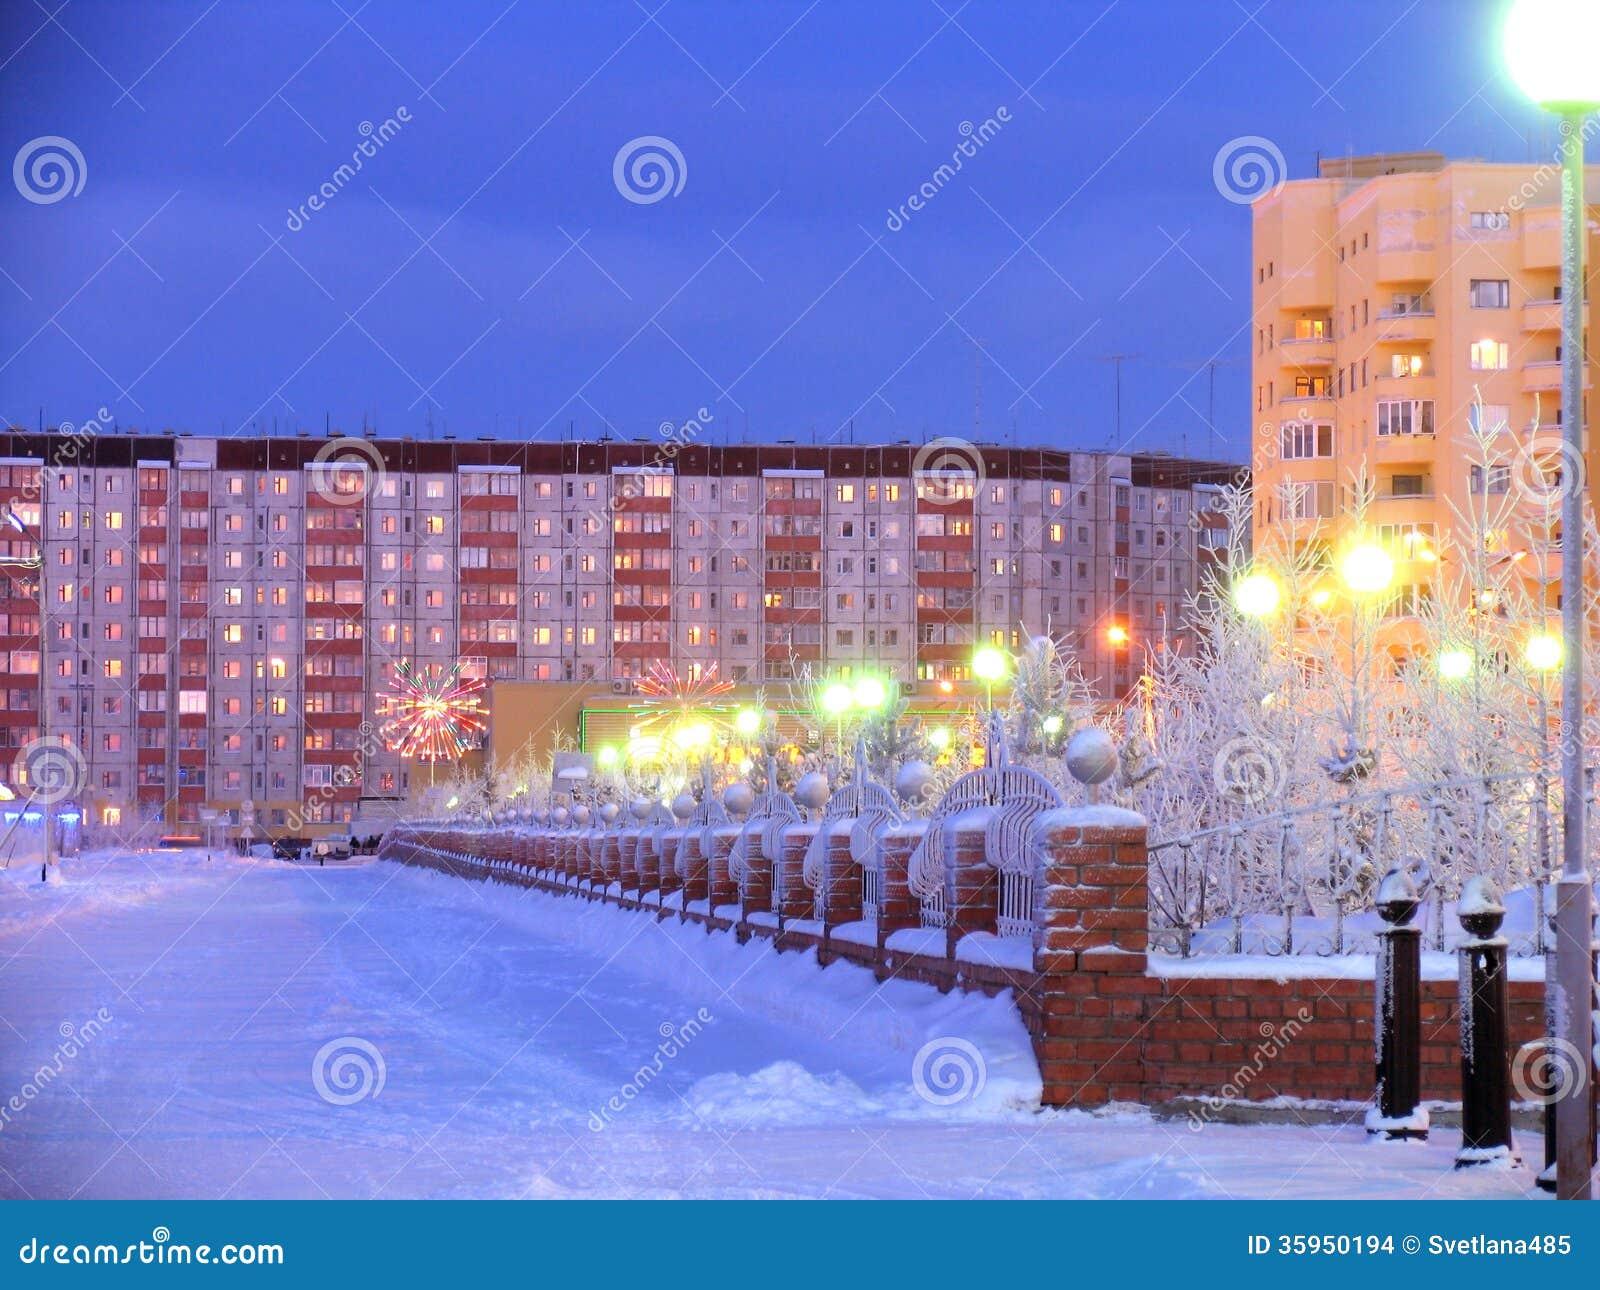 Arquitectura urbana. Año Nuevo. Decoraciones festivas. Paisaje del invierno.